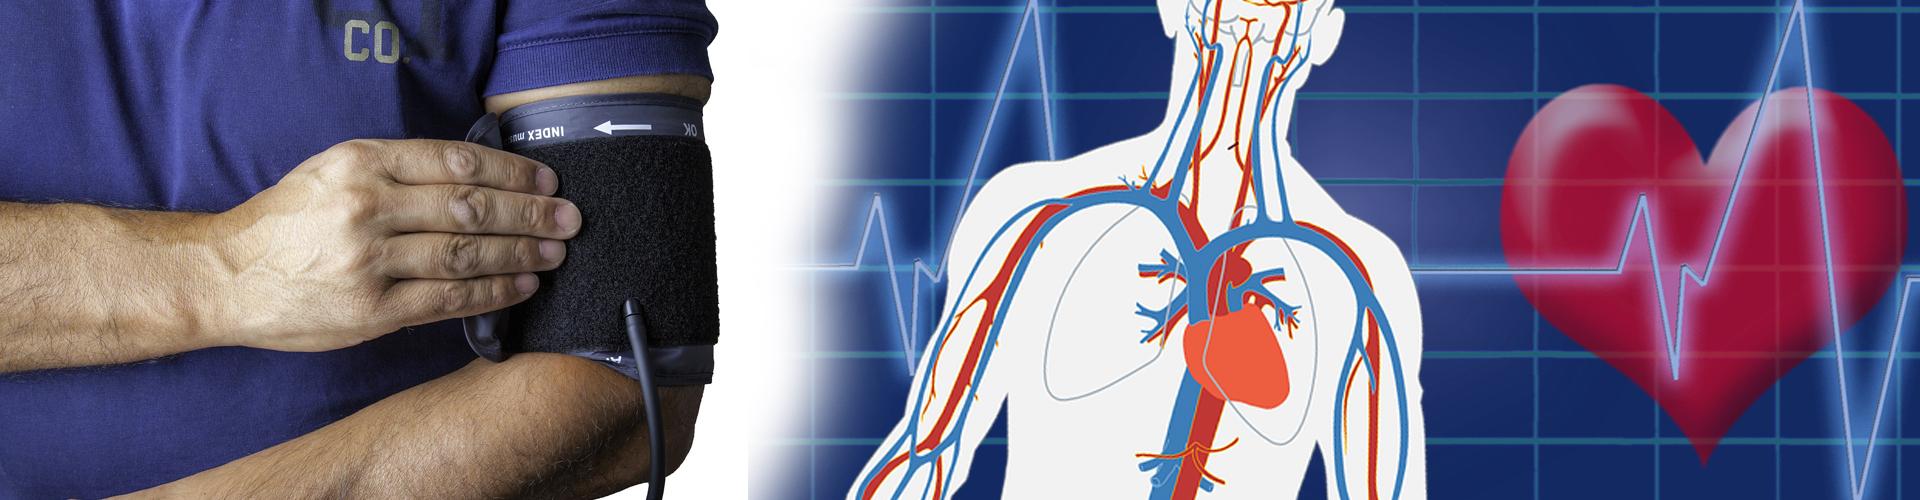 cardiologia HTC Centro Medico Stradella PV